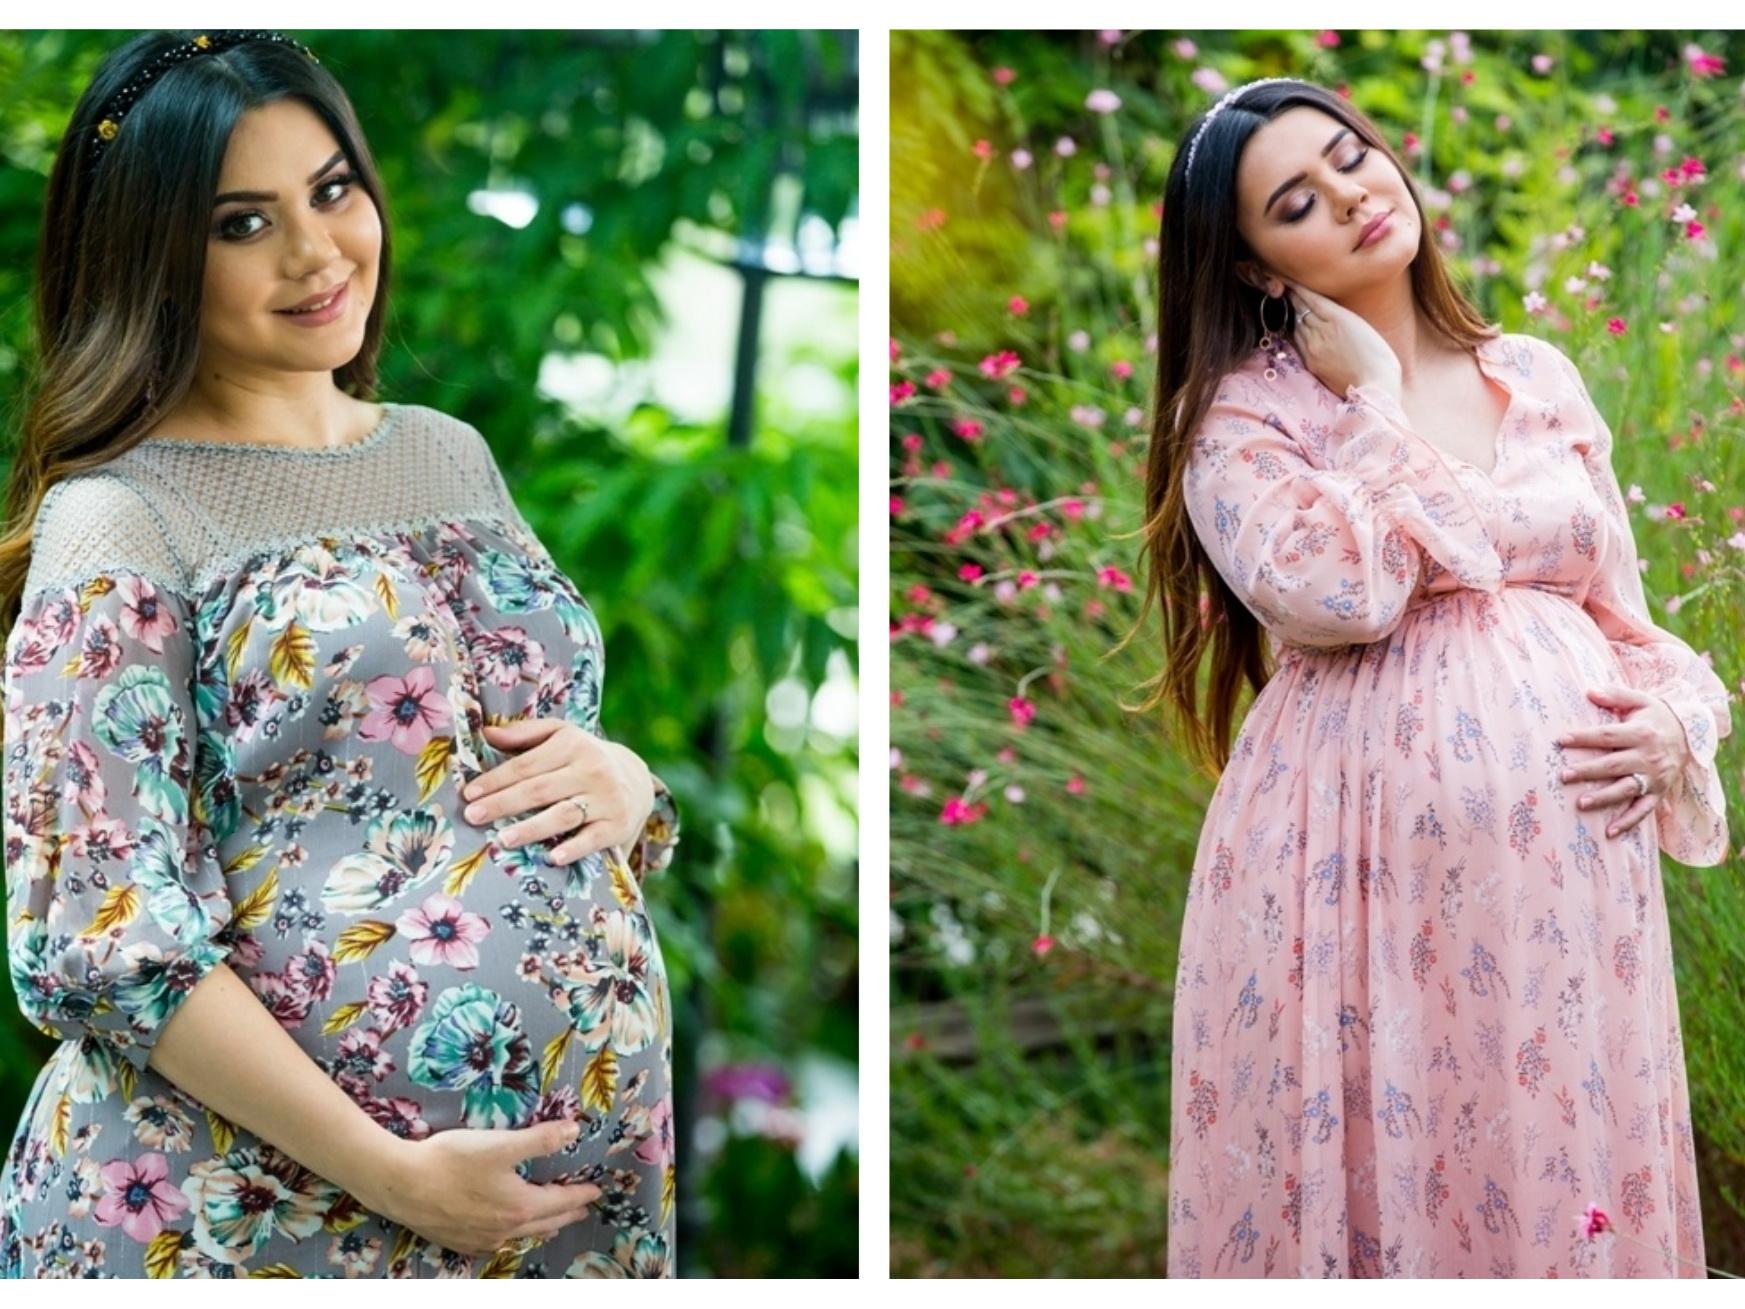 Оксана Расулова впервые о беременности: «Желаю каждой женщине стать матерью» - ЭКСКЛЮЗИВНЫЕ ФОТО